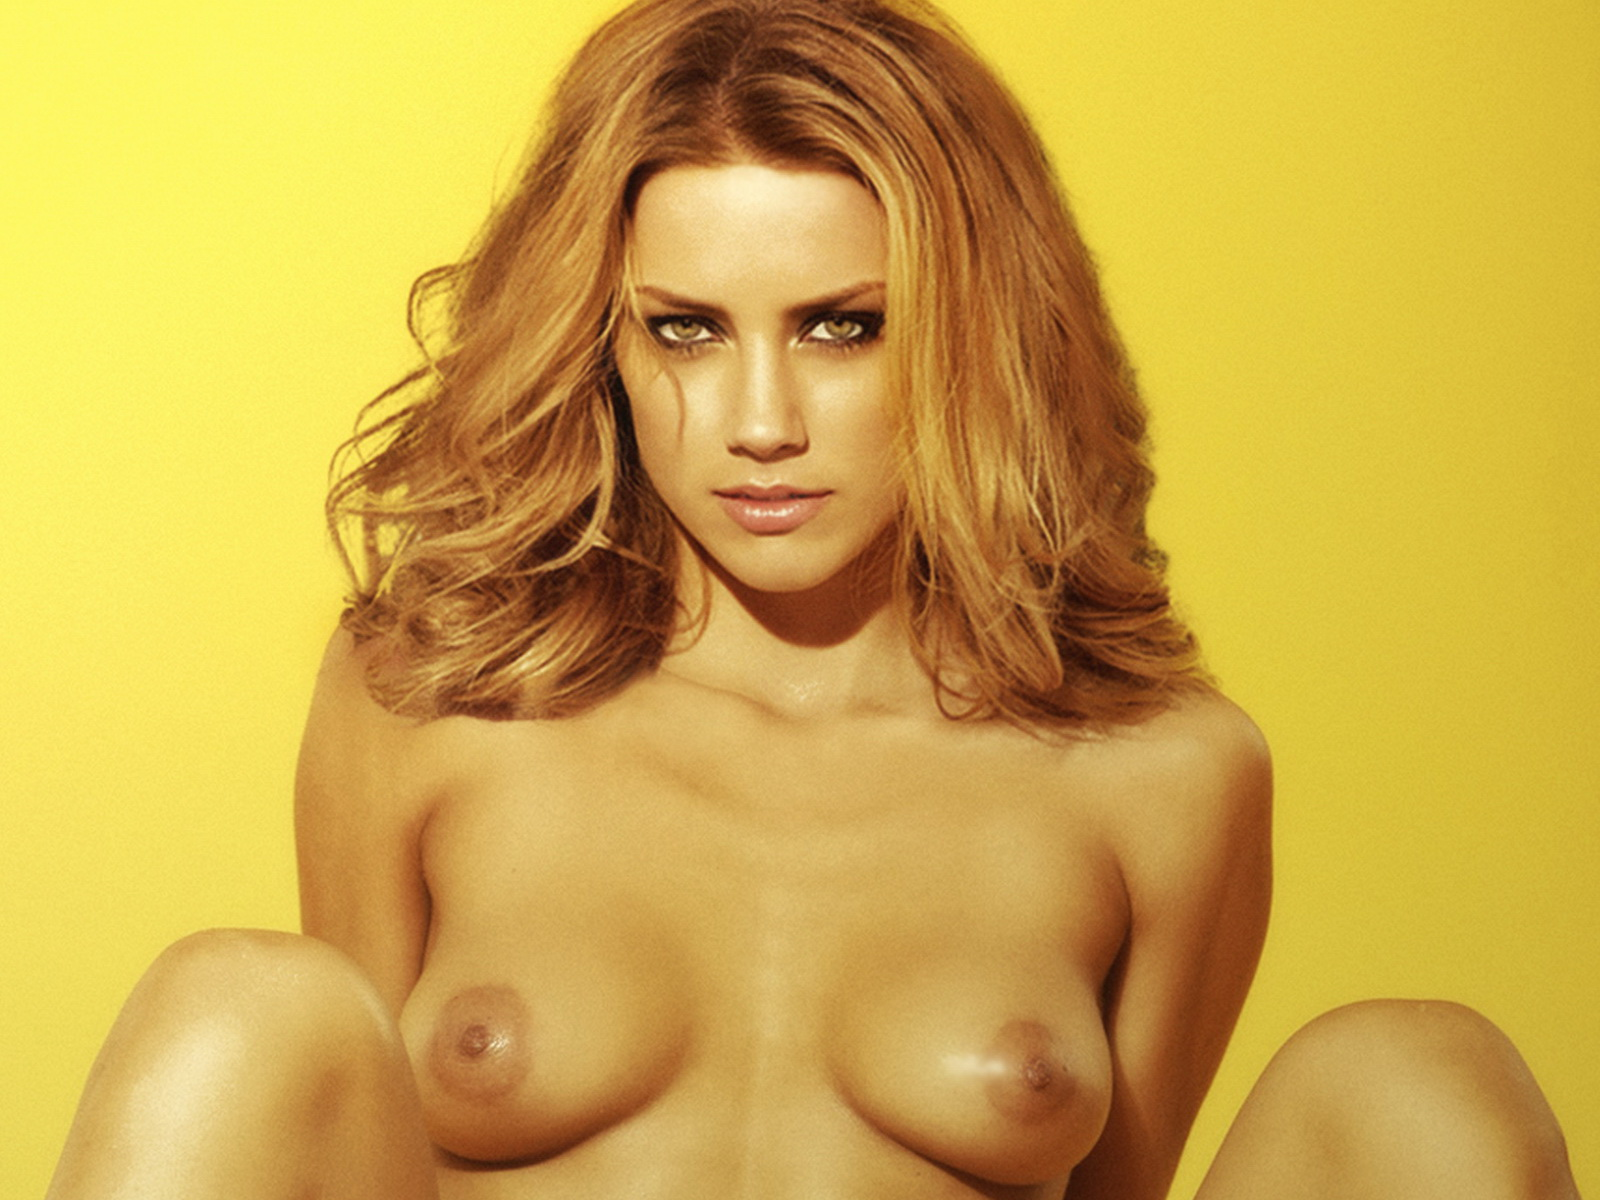 http://2.bp.blogspot.com/-AzAQo1uUvSA/TyAWh5Iw7MI/AAAAAAAADuA/f32N4DhtqFs/s1600/Amber_Heard_nude_photoshoot.jpg